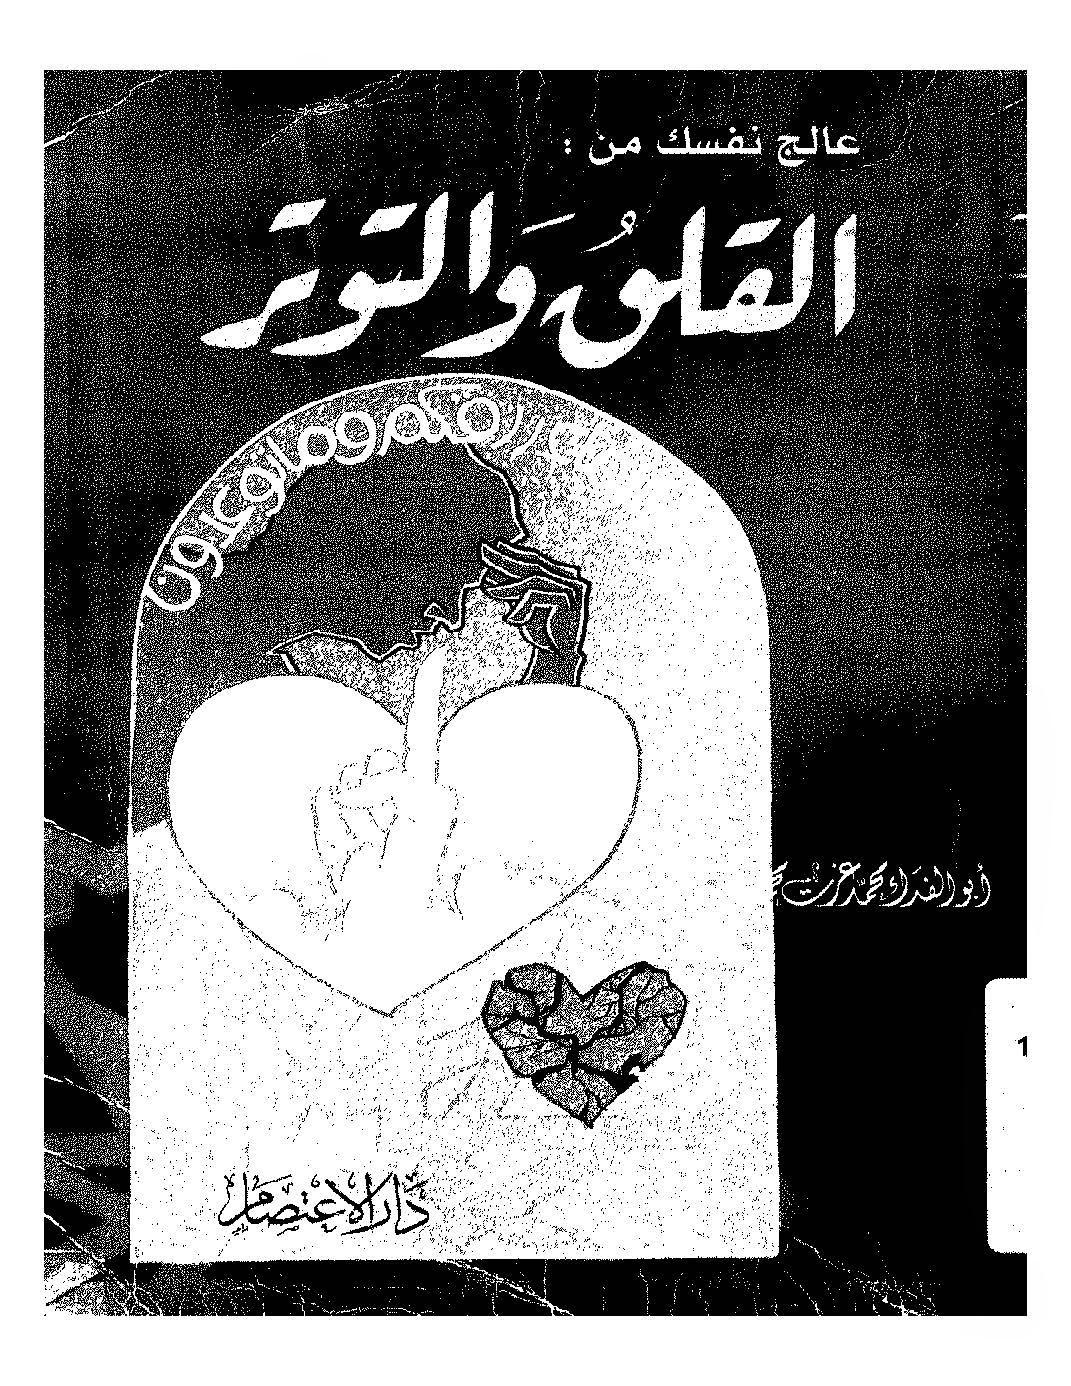 عالج نفسك من القلق والتوتر لـ أبو الفداء محمد عزت محمد عارف